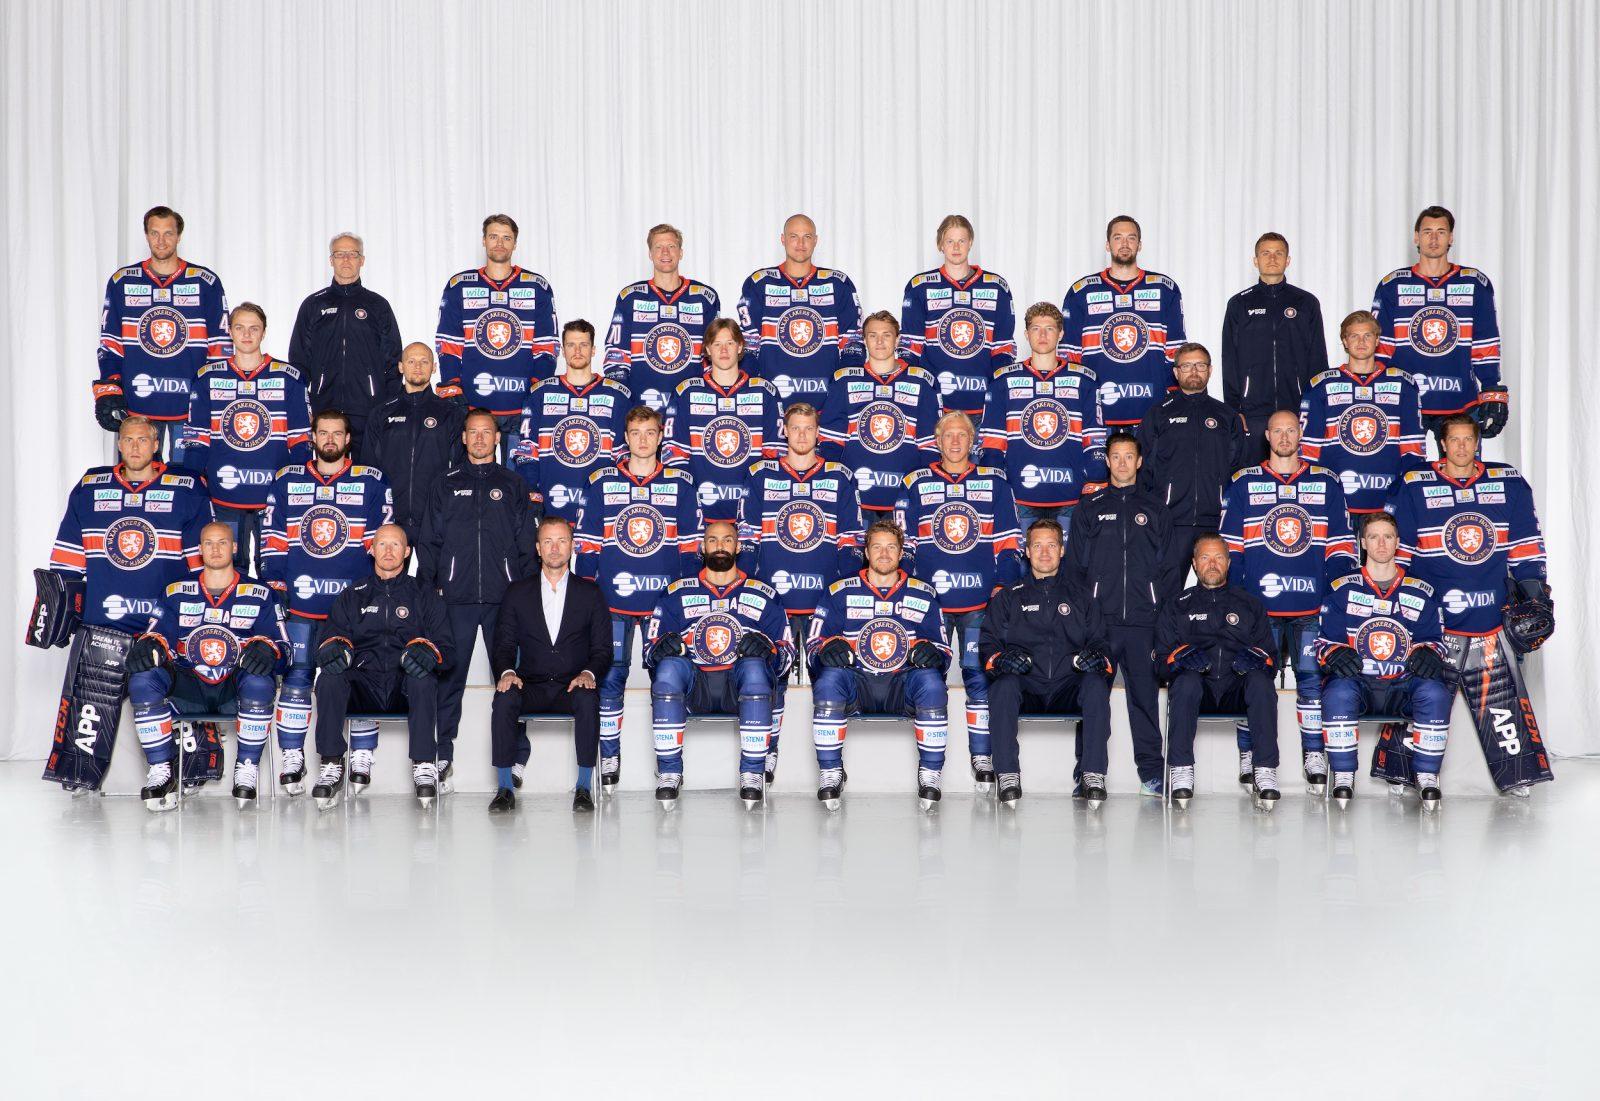 KONTRAKT 2020/21: Växjöspelarna som kan lämna klubben